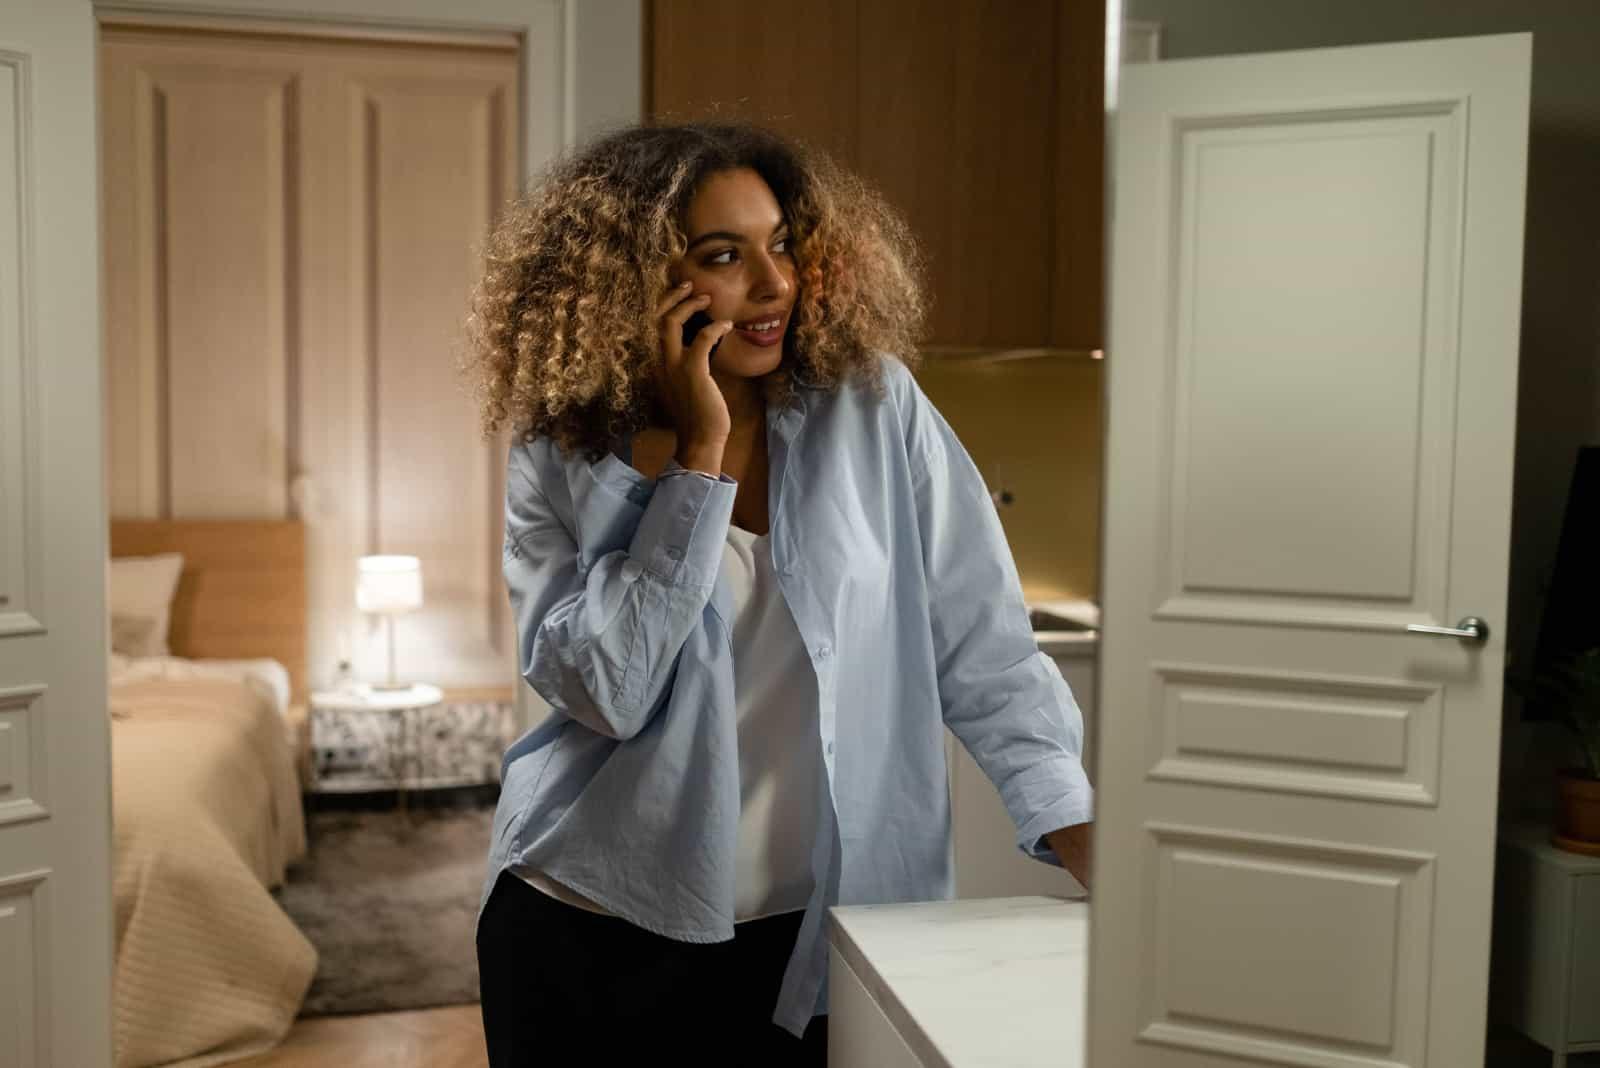 femme aux cheveux bouclés parlant sur un smartphone en intérieur